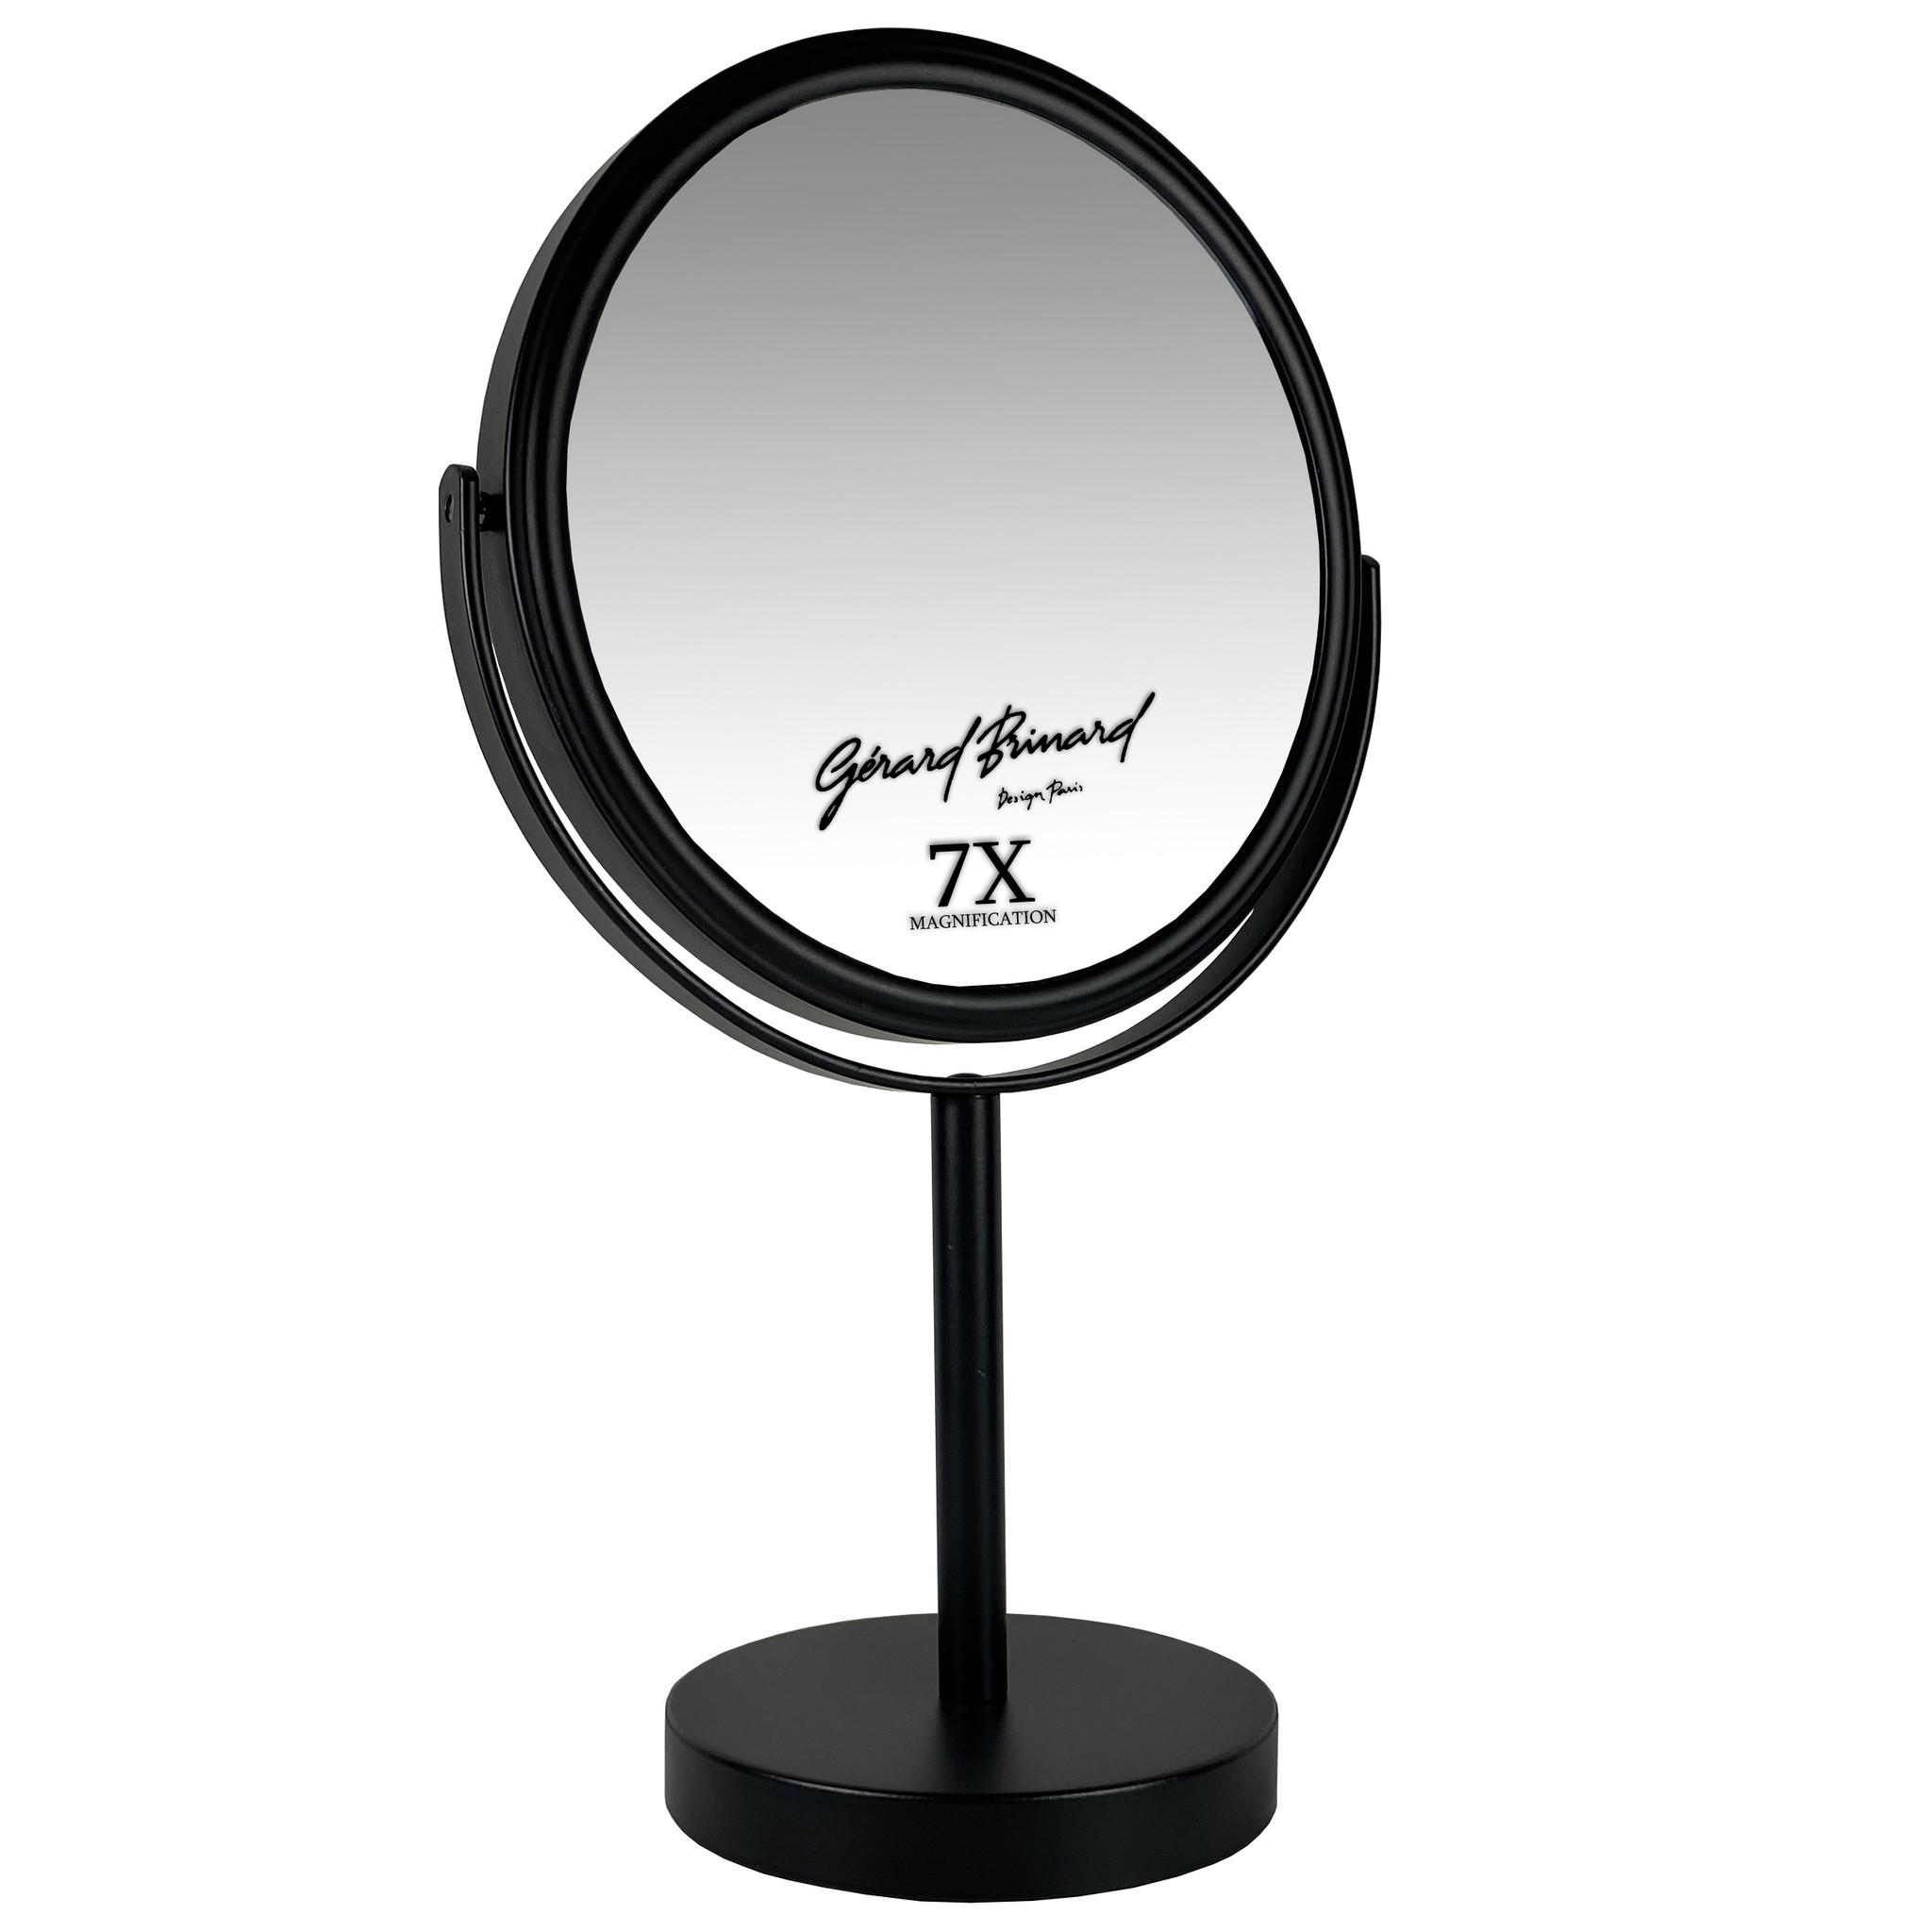 Gérard Brinard Metalen make-up spiegel mat zwart- 7x vergroting 18cmØ